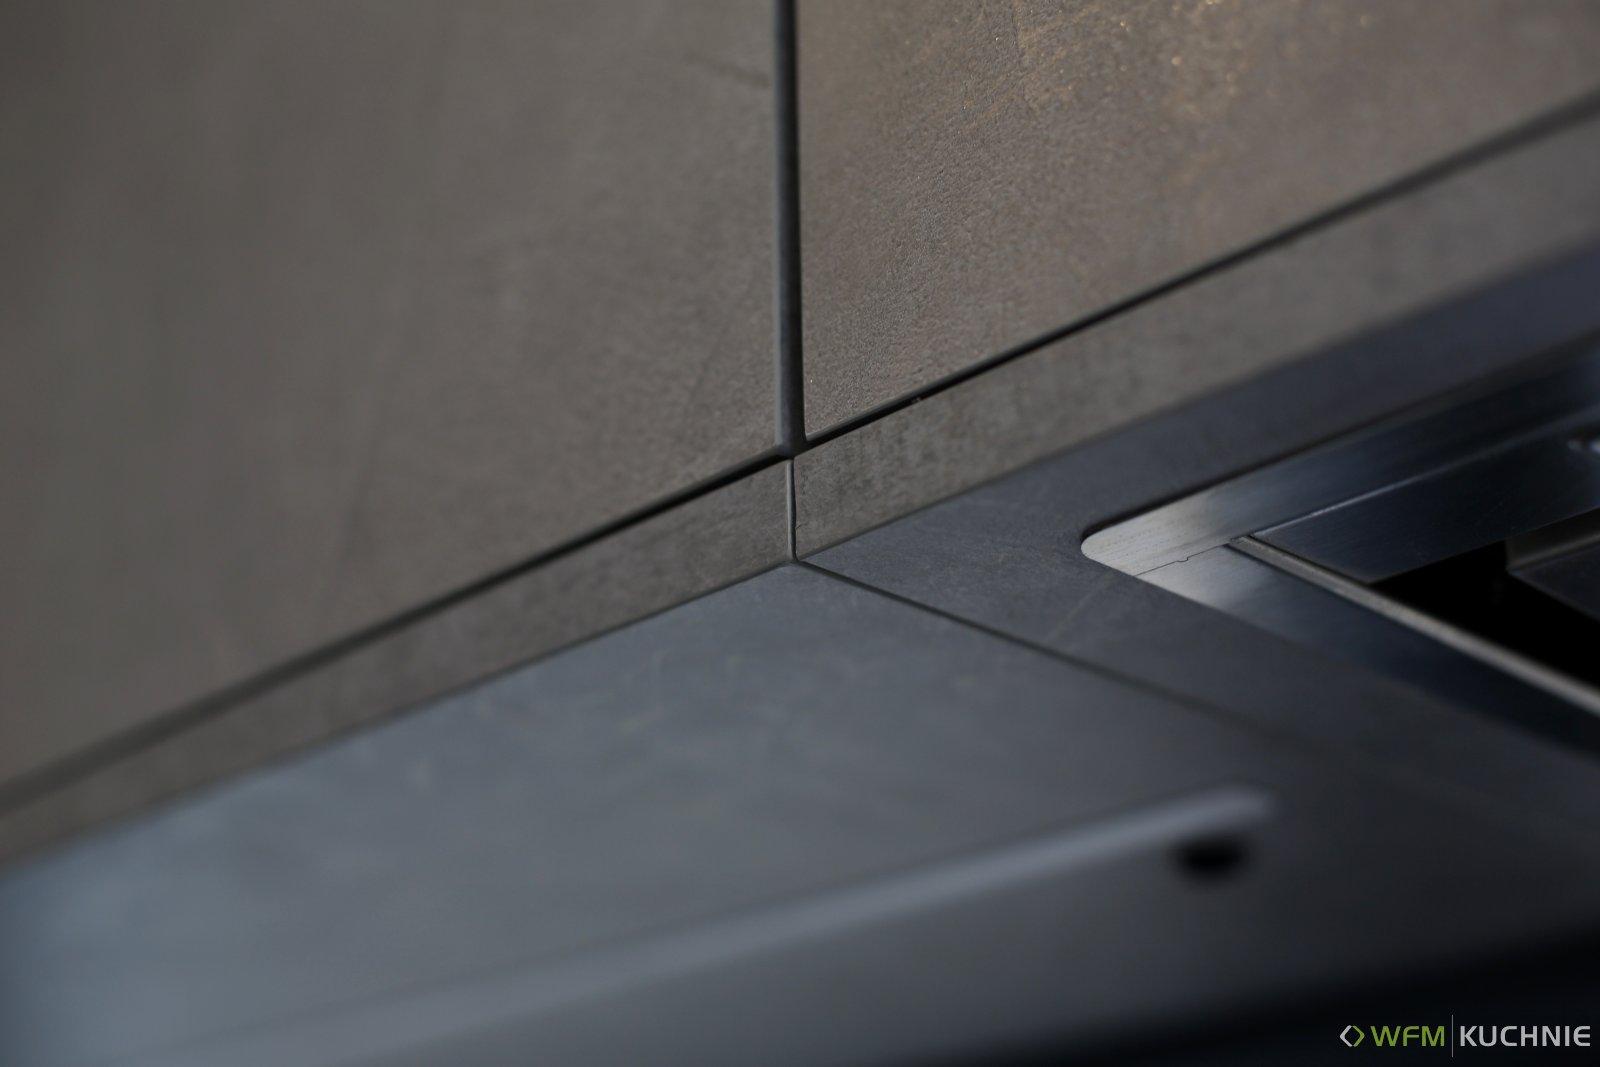 Nowoczesna kuchnia na wymiar WFM PUNTO Gray clystone P96F - CALMA biały mat M101 z dużą powierzchnią open space - Meble do kuchni - WFM KUCHNIE Kraków